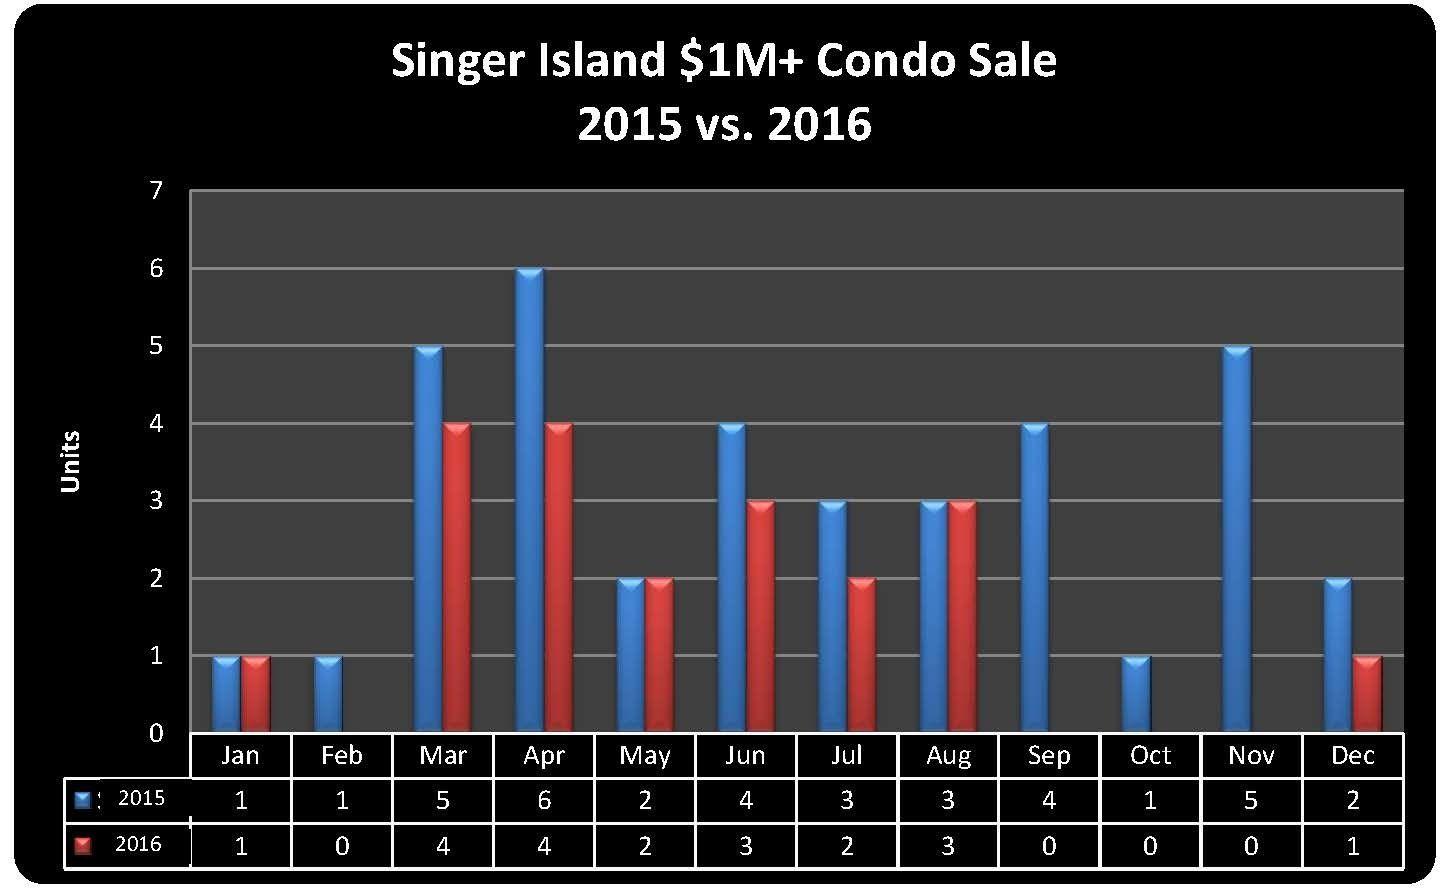 condo-1m-sales-2016-vs-2015